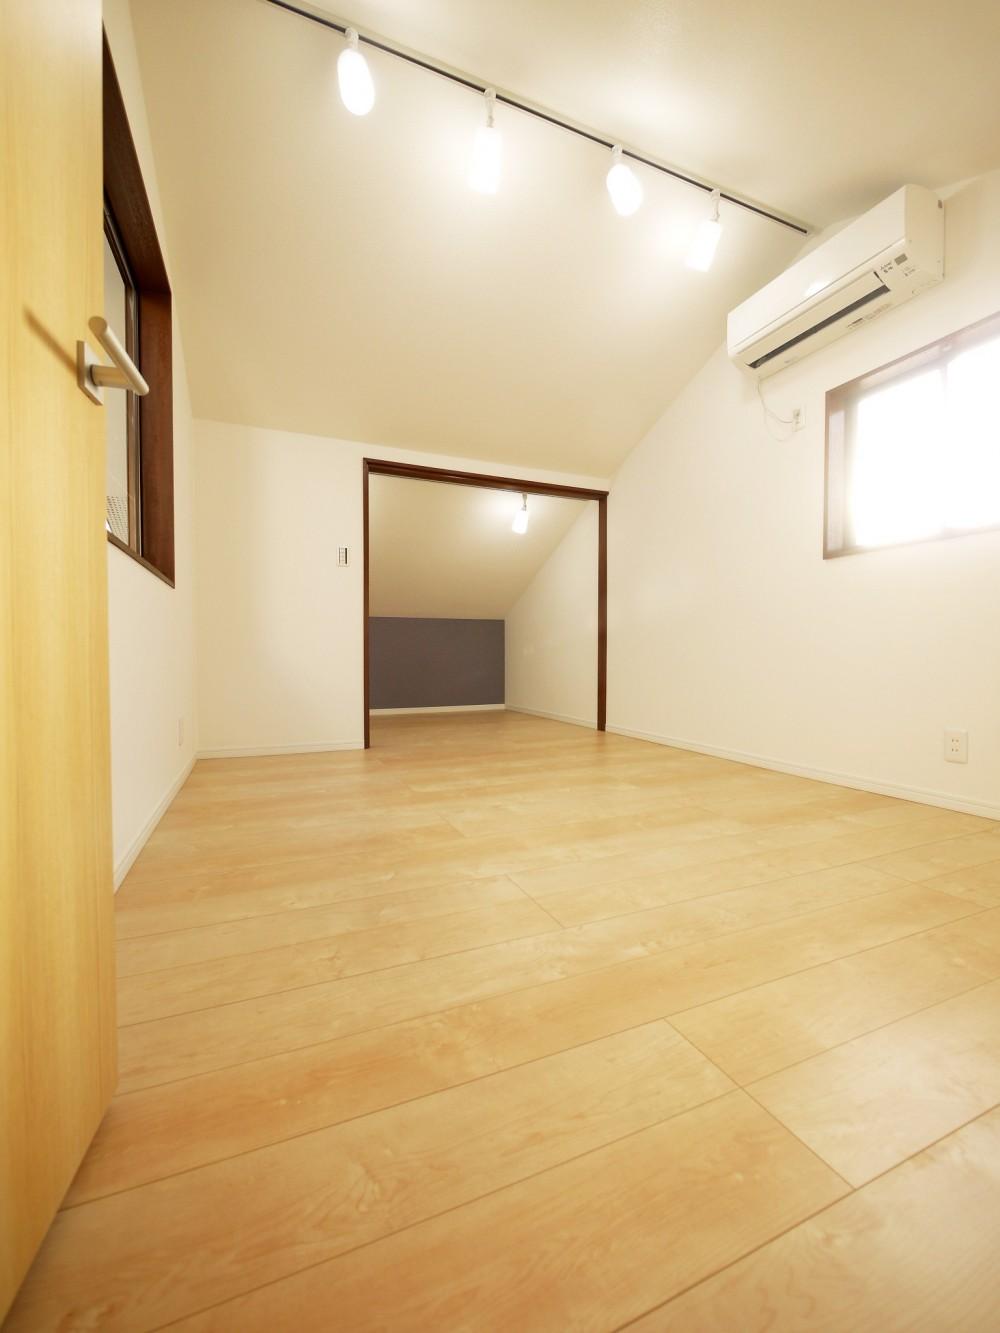 戸建の和室をオープンな空間に (小屋裏・洋室1)